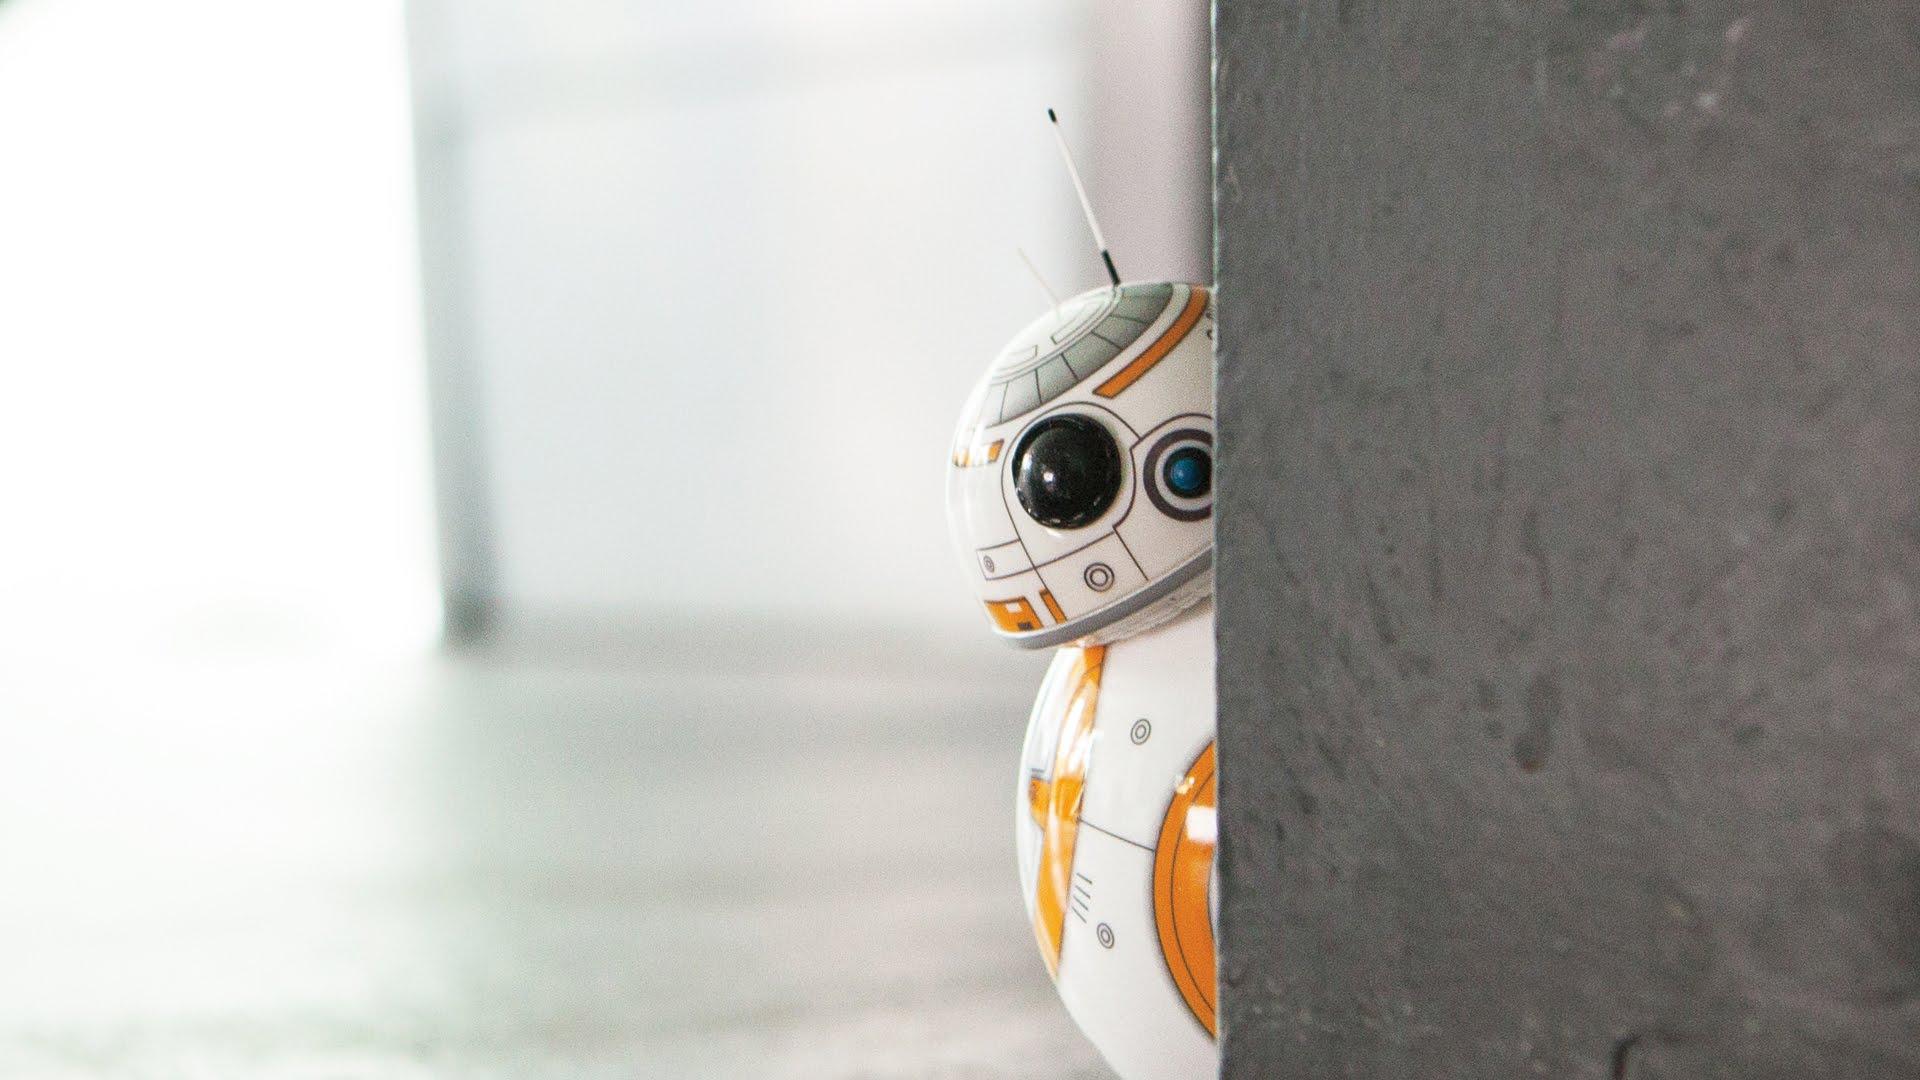 49] Star Wars iPhone Wallpaper BB8 on WallpaperSafari 1920x1080